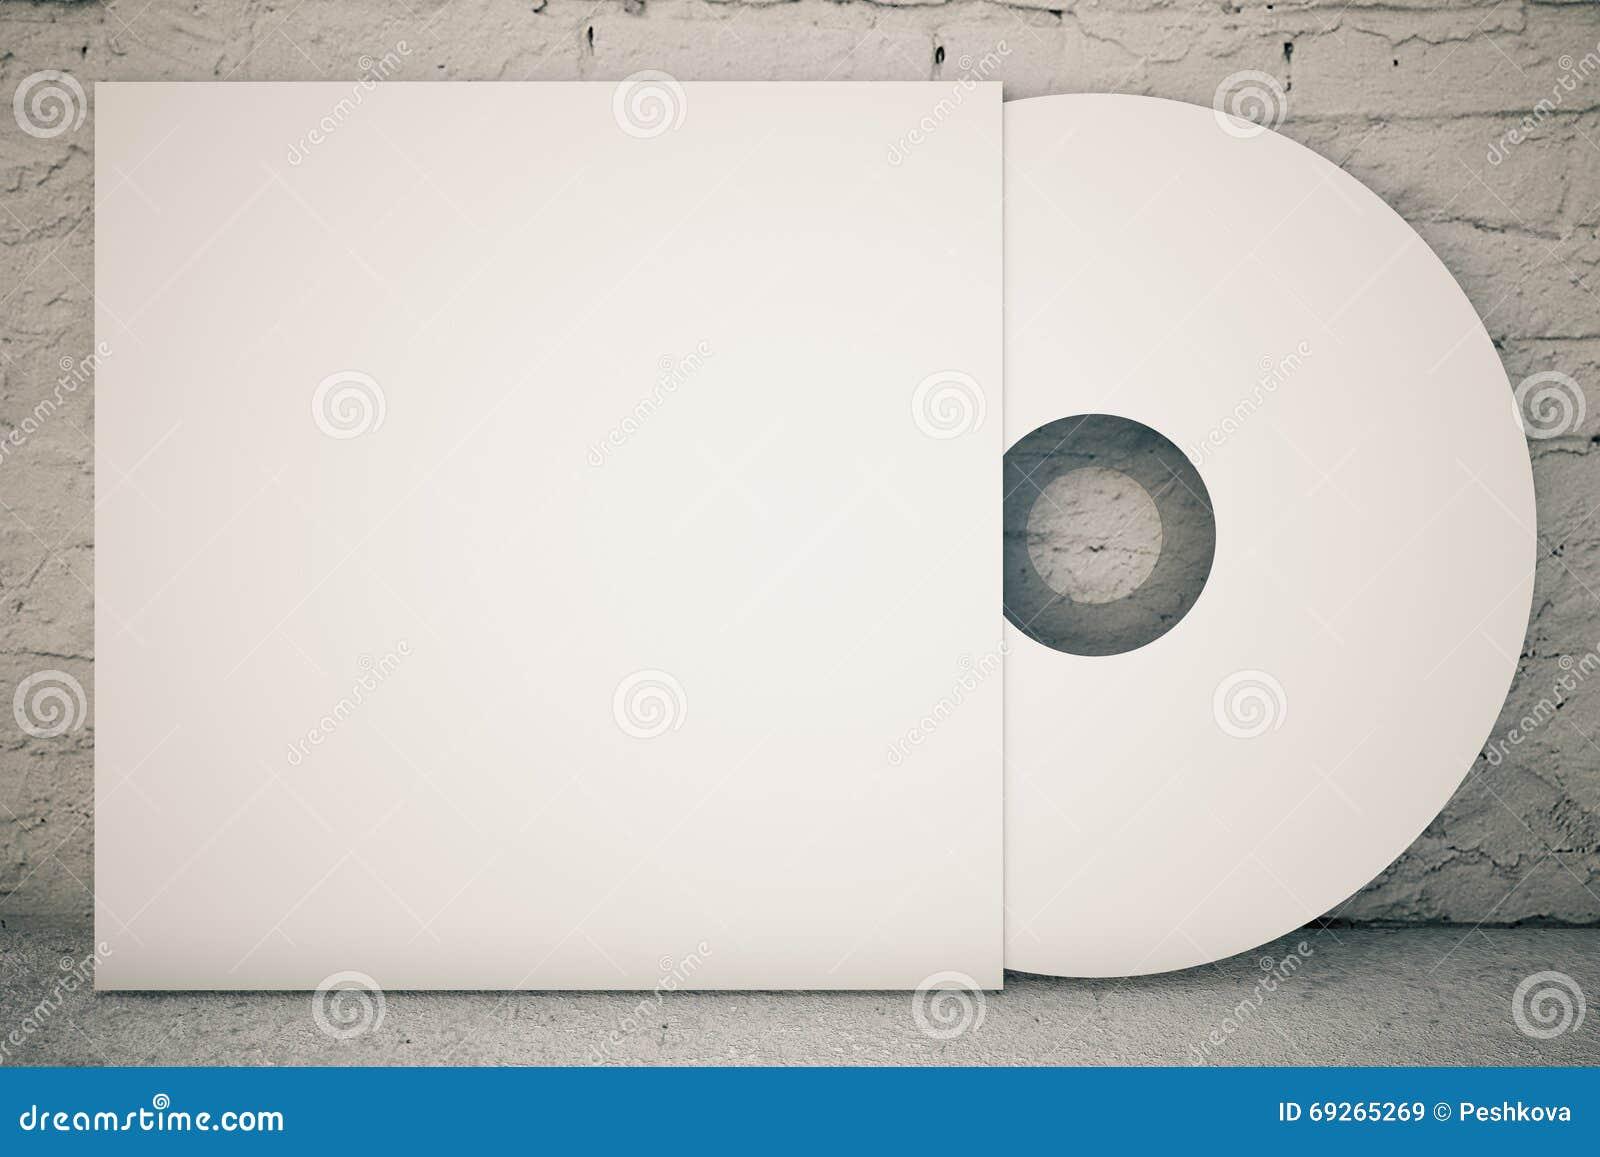 White cd disk stock illustration image 69265269 - Cd concreet ...